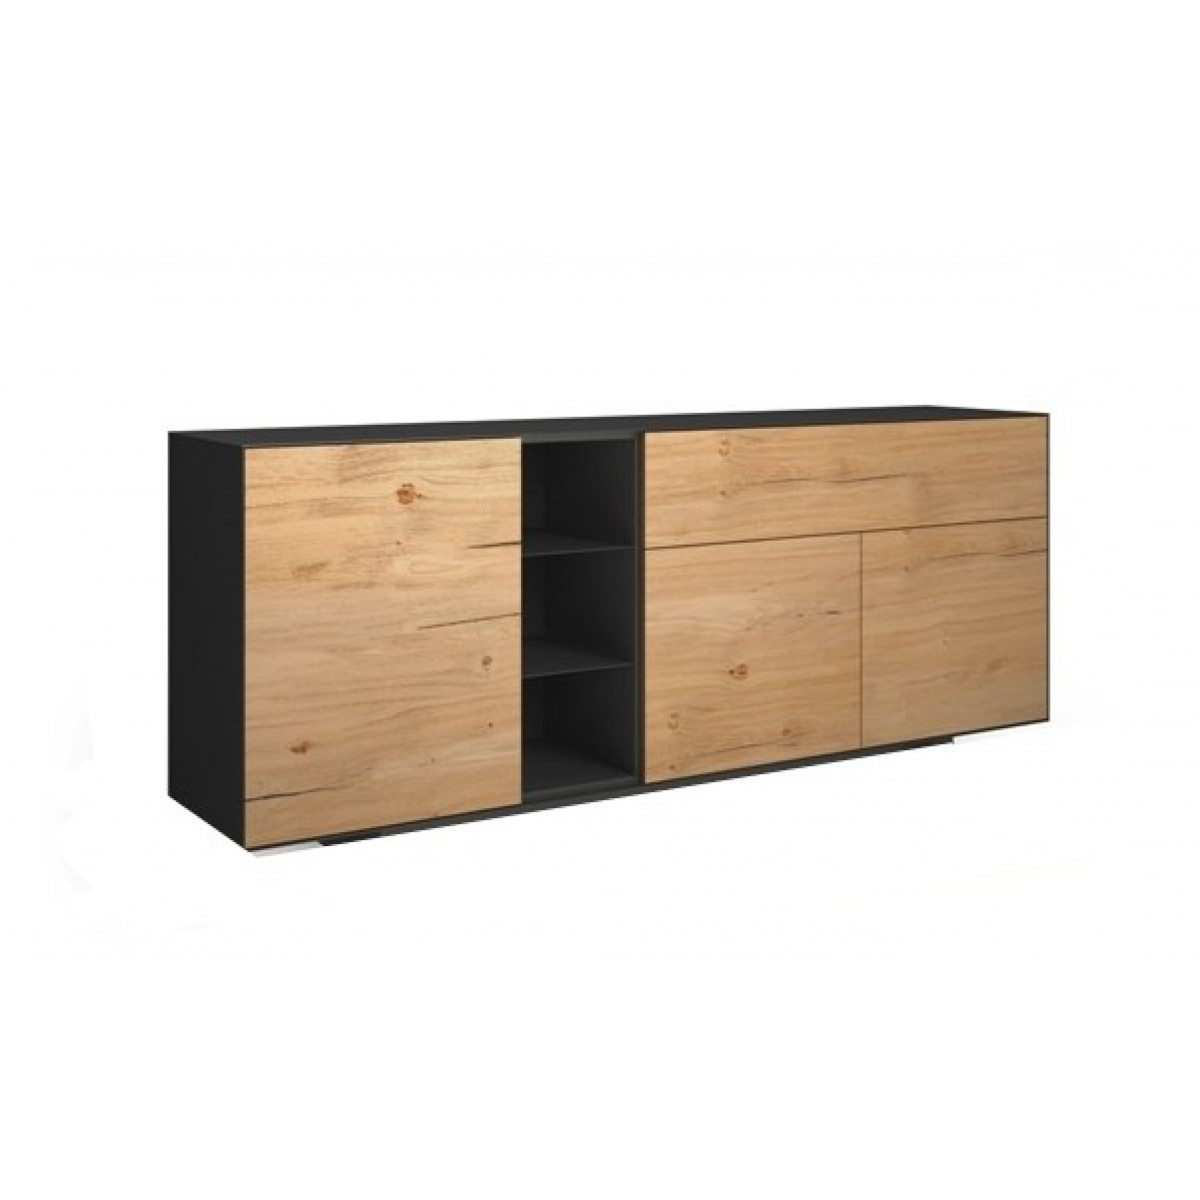 sideboard-brooklyn-dressoir-mintjens-furniture-BR9_S2-miltonhouse-plint